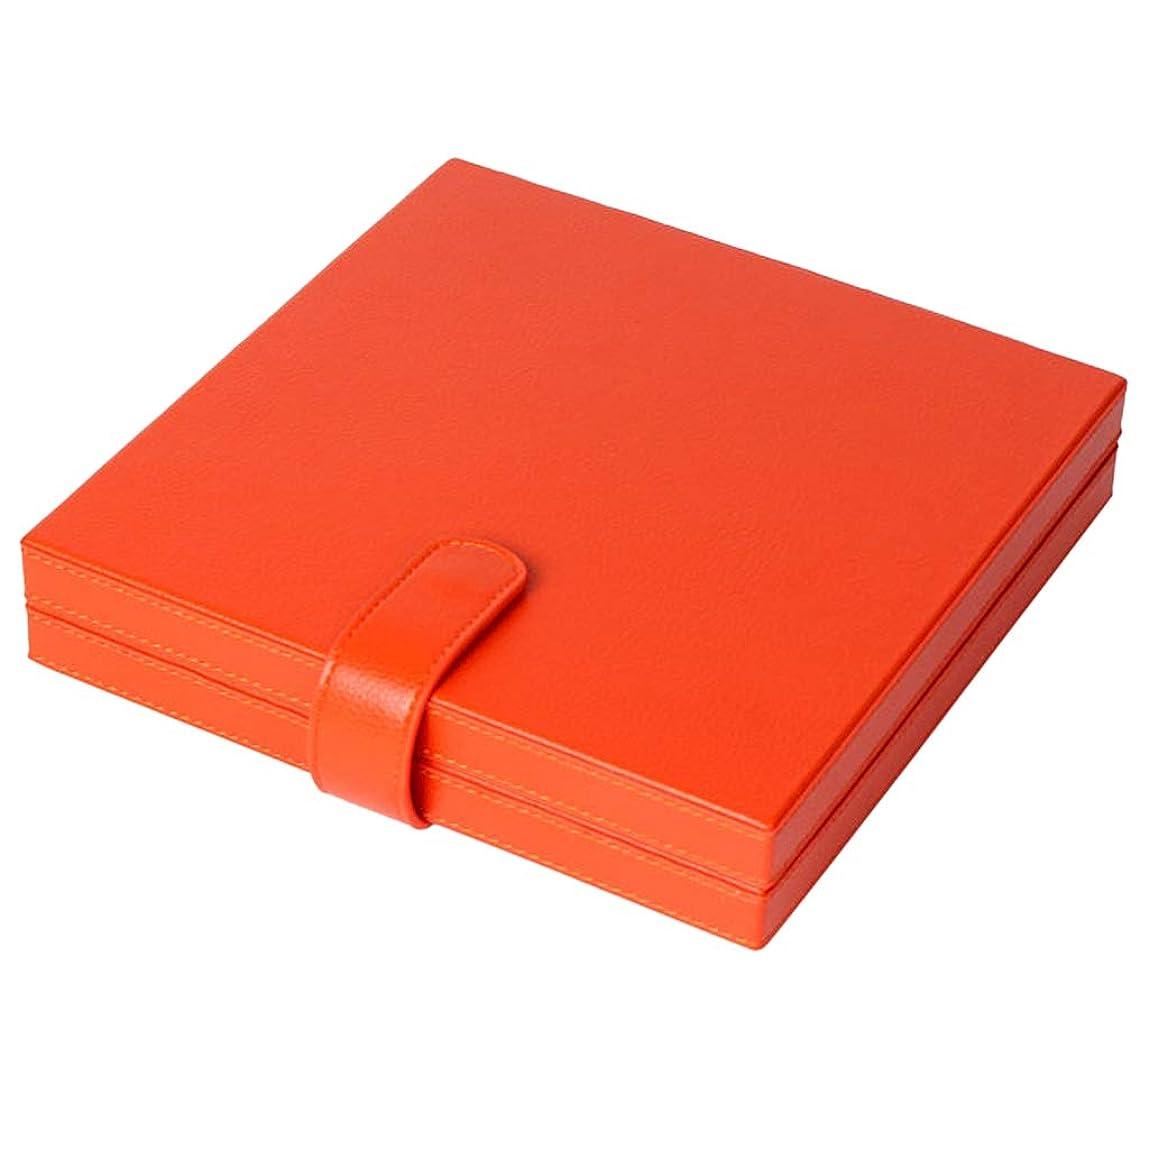 写真を描く悪性の軸DYNWAVE 全2色 シザーケース ヘアカット ツールホルダー 大容量収納ケース レザー製 シザーポーチ - オレンジ